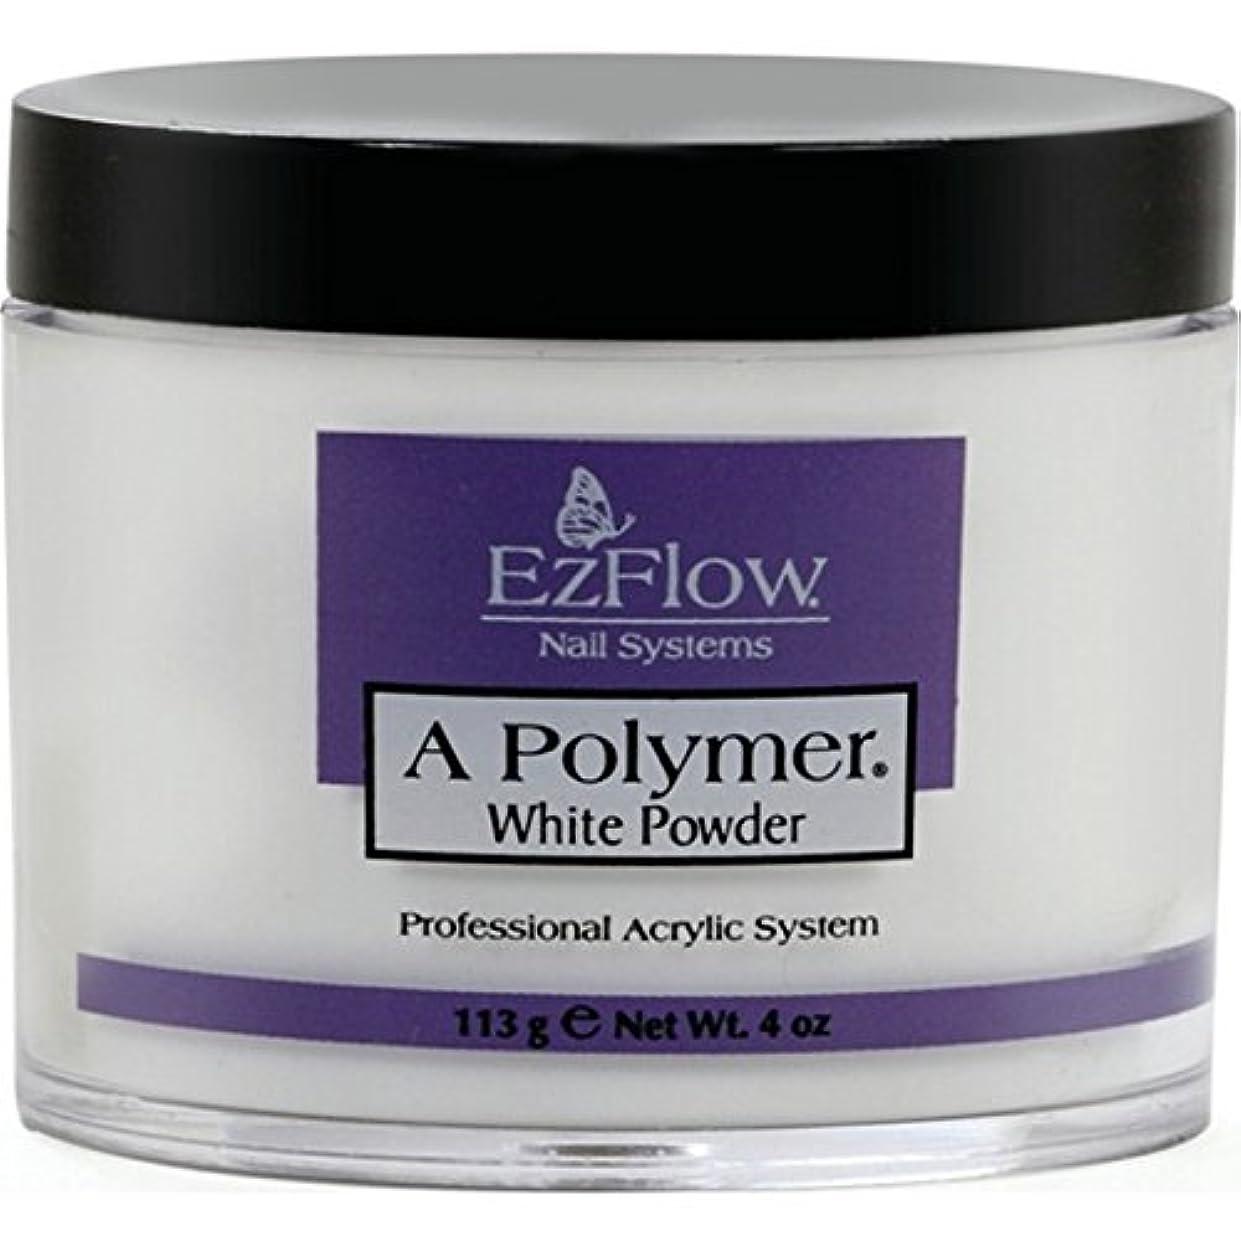 解明する粘土物語Ez Flow Aポリマー ホワイト 4oz(約113)